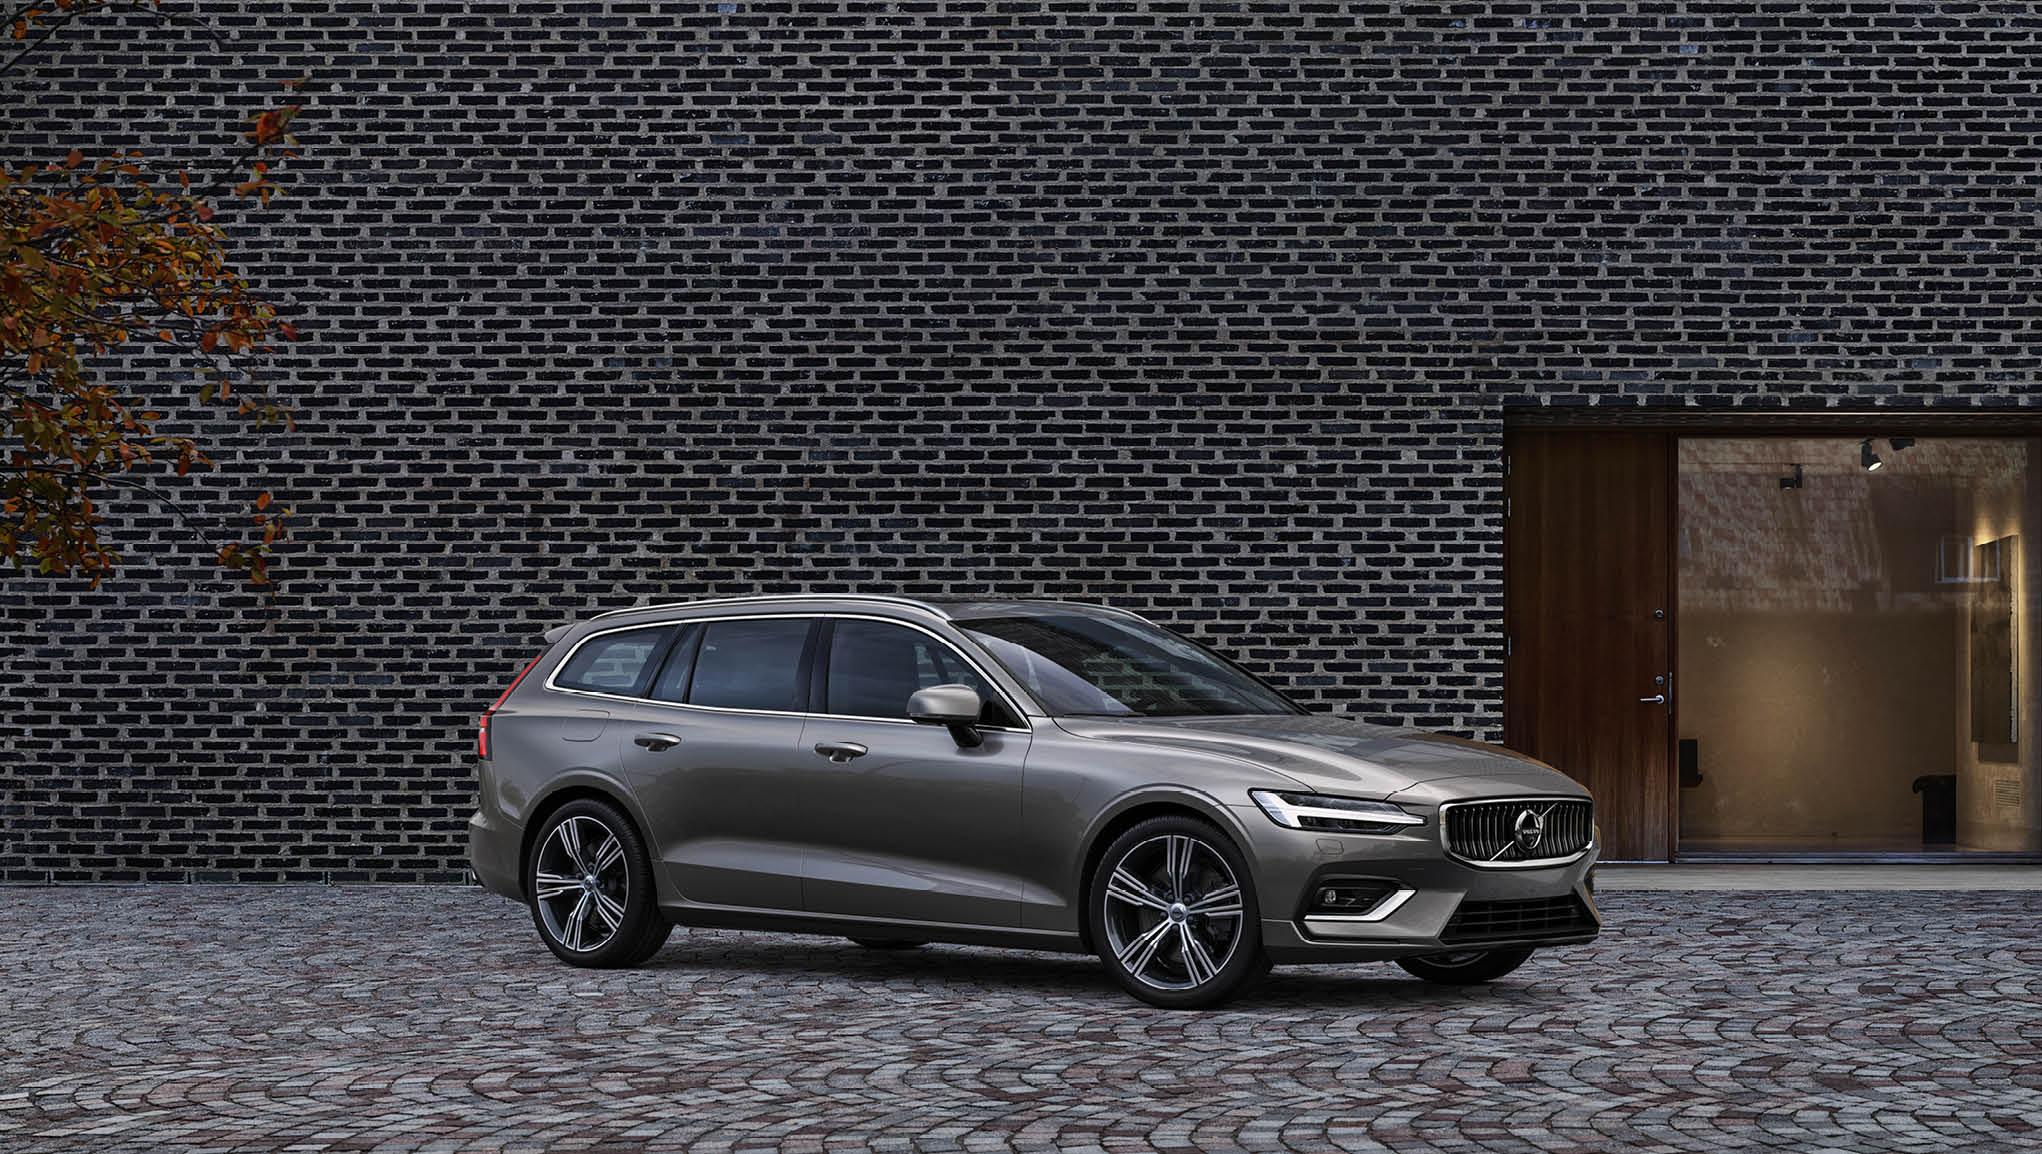 Volvia Forsikring - Få en god bilforsikring til din Volvo